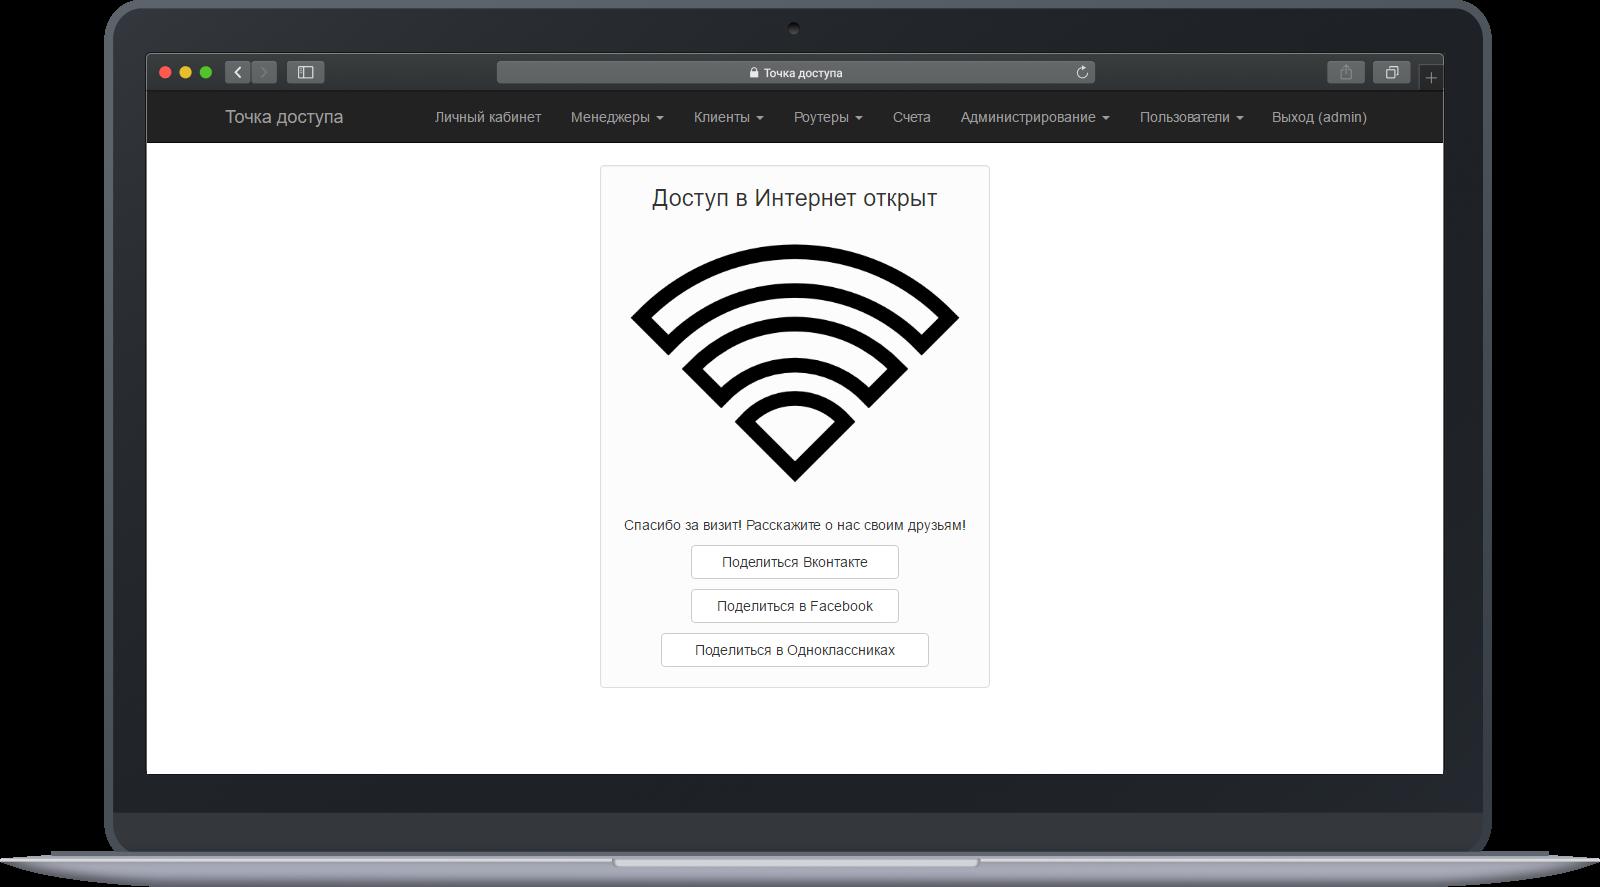 Портфолио: Разработка портала Точка доступа